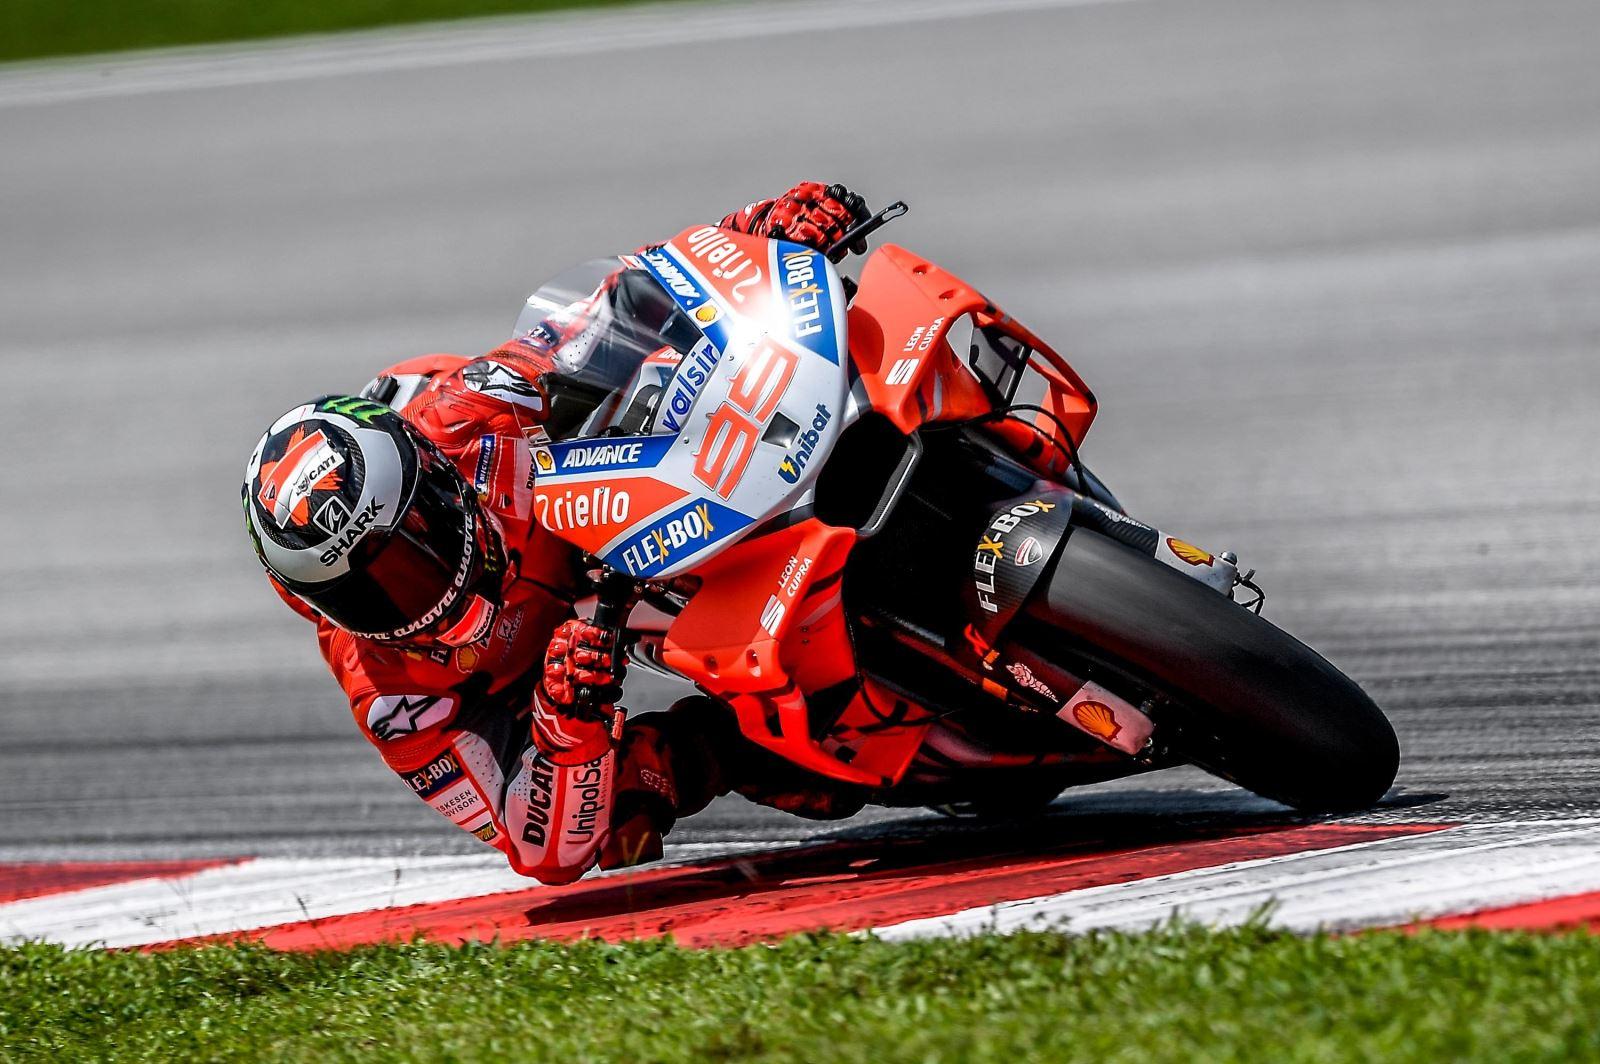 MotoGP 2018 Sezonunda Ne Olacak? 3. İçerik Fotoğrafı